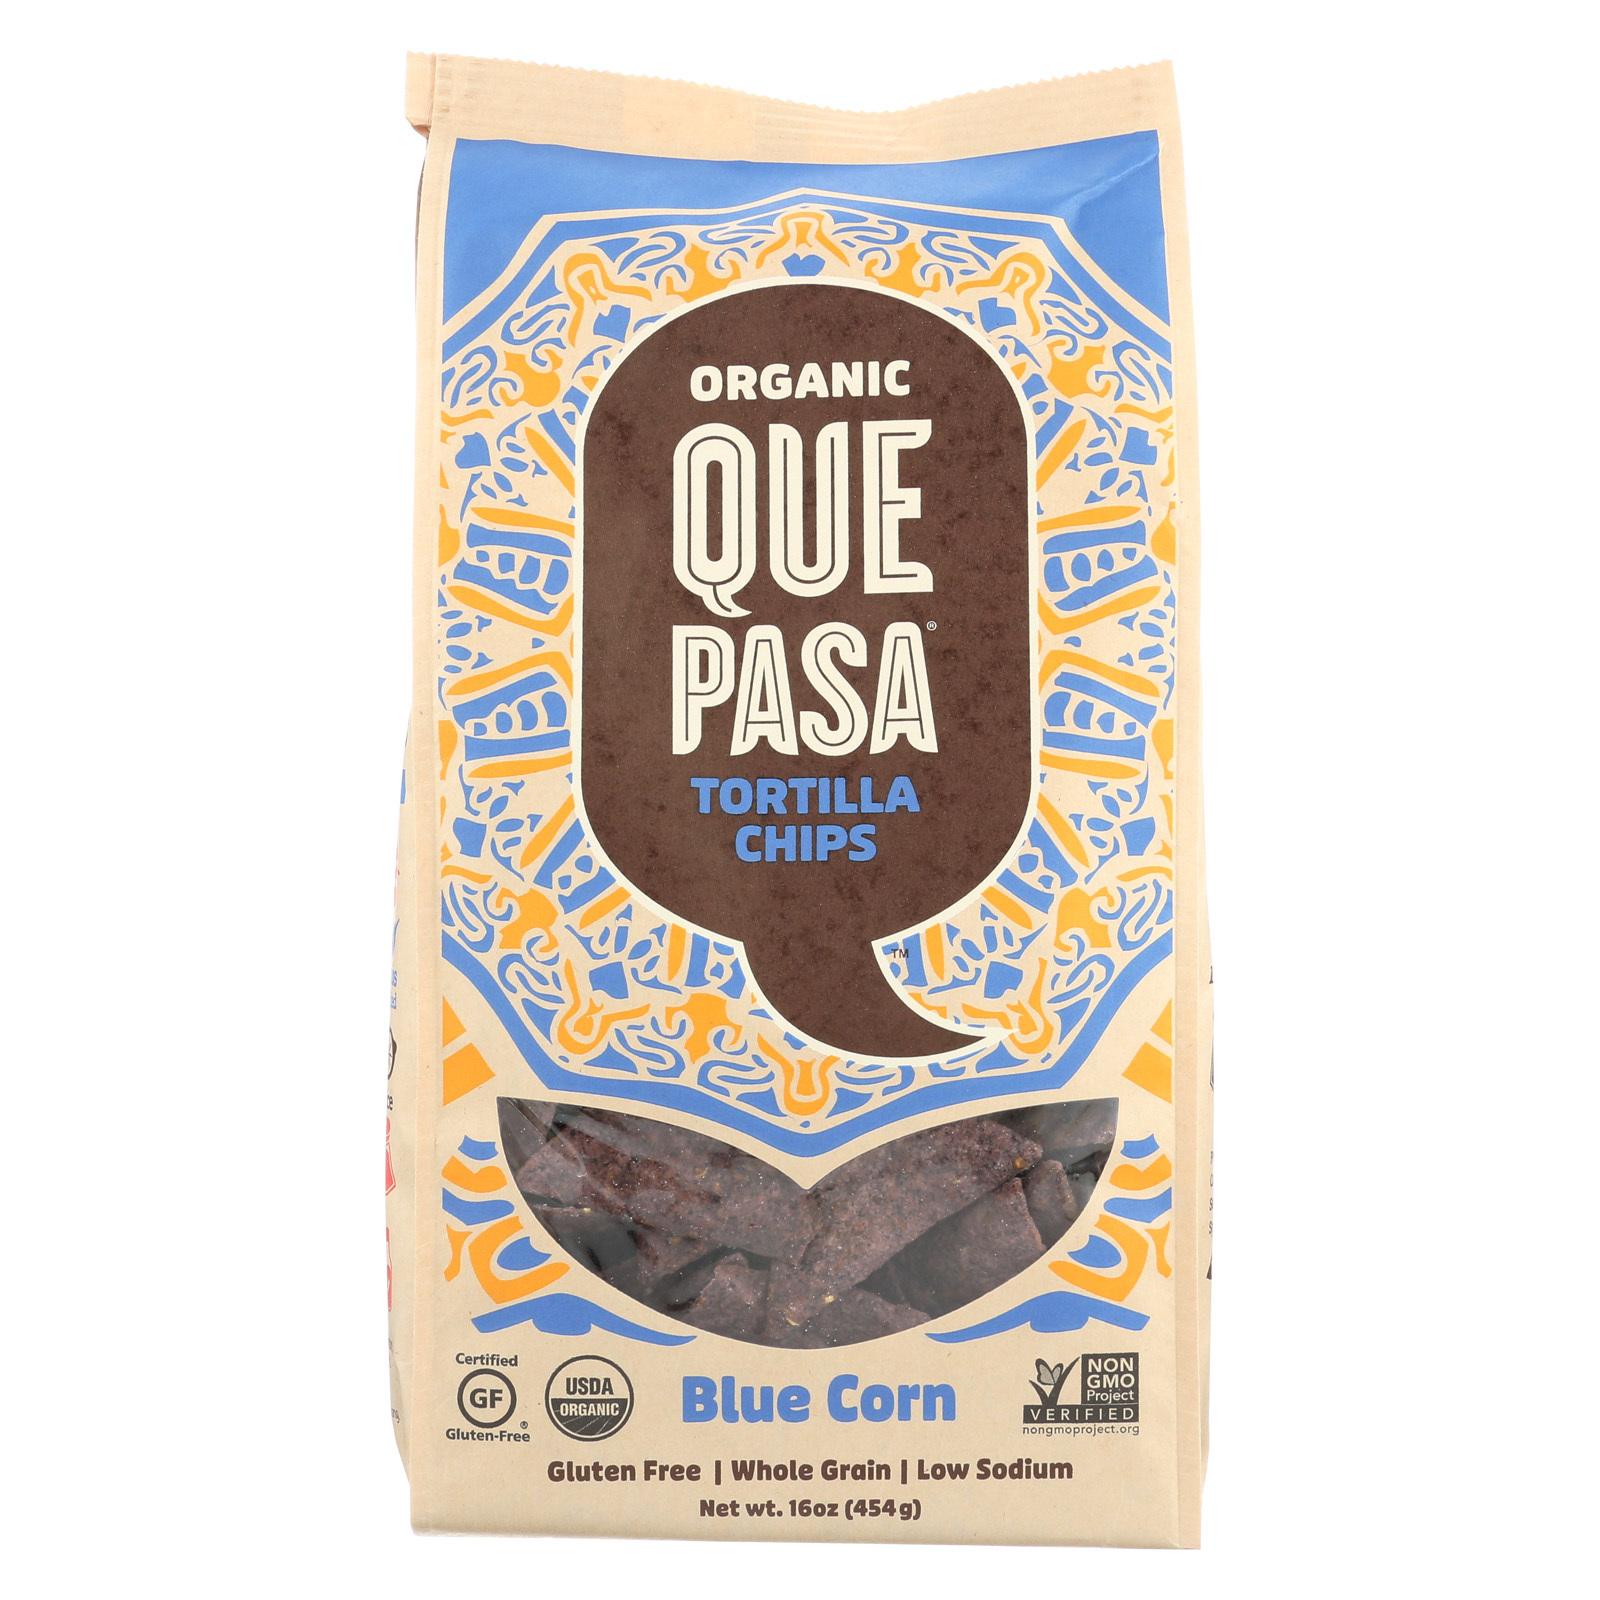 Que Pasa Tortilla Chip - Blue Corn - Case of 12 - 16 oz.